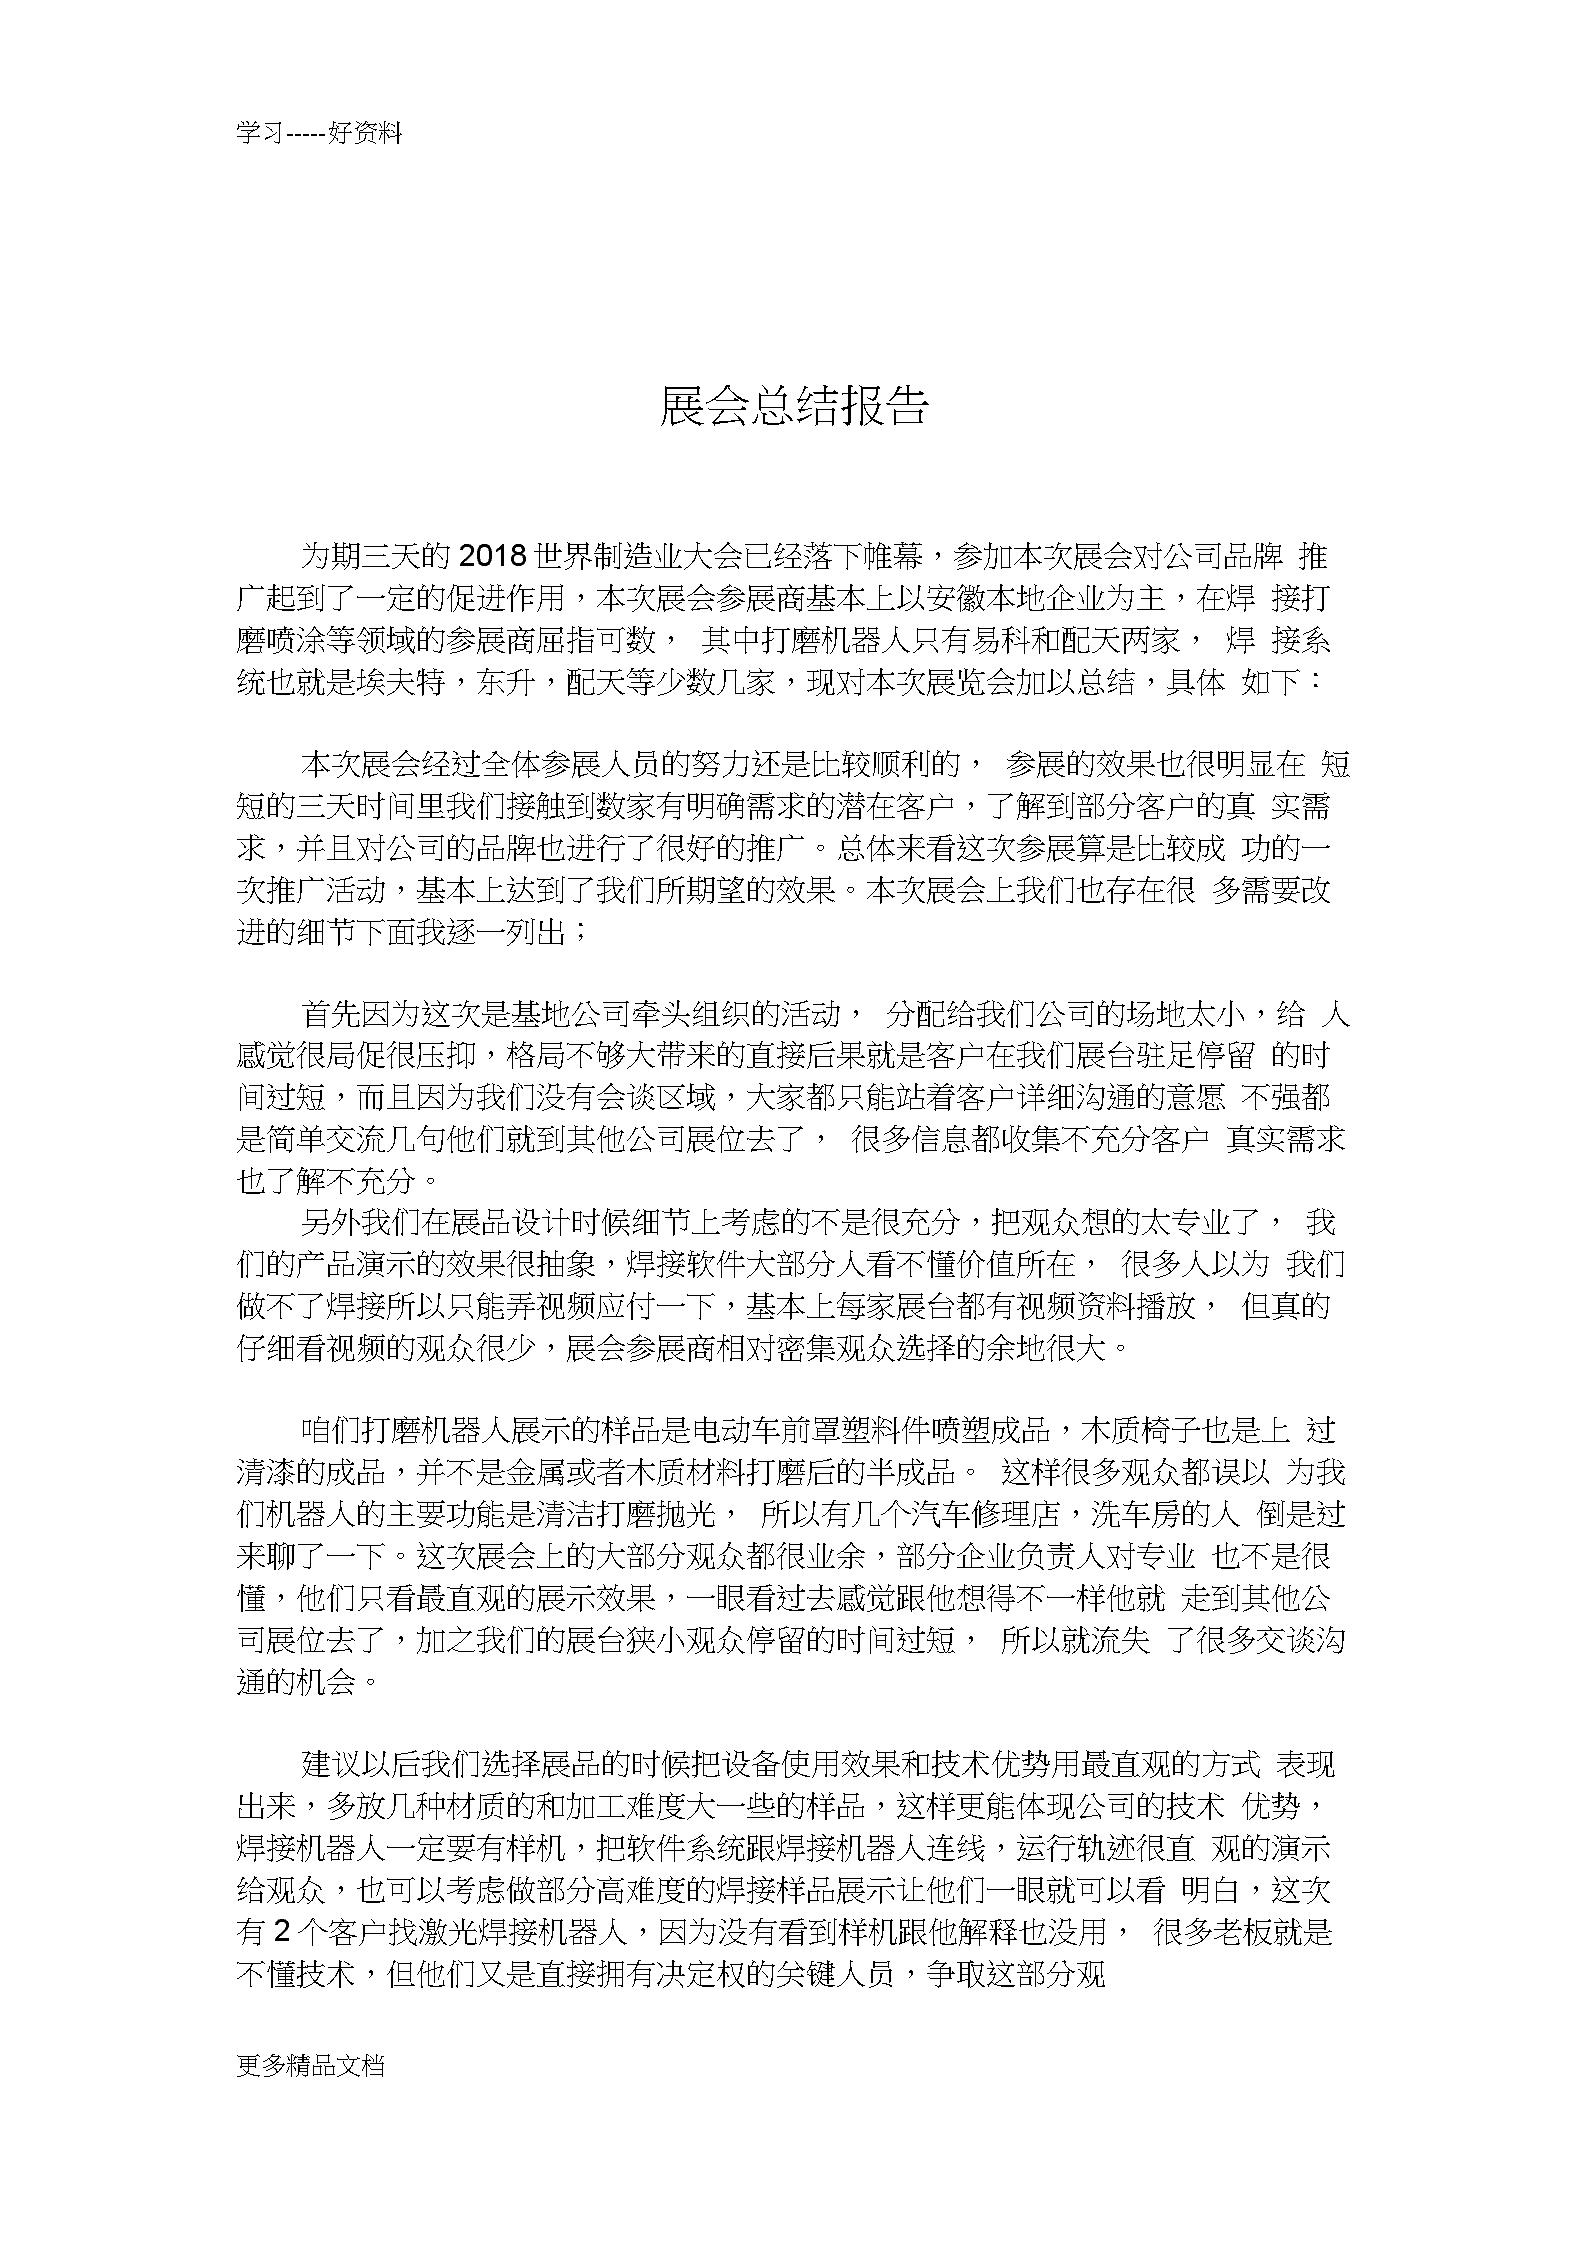 展会总结报告-(1)汇编.docx